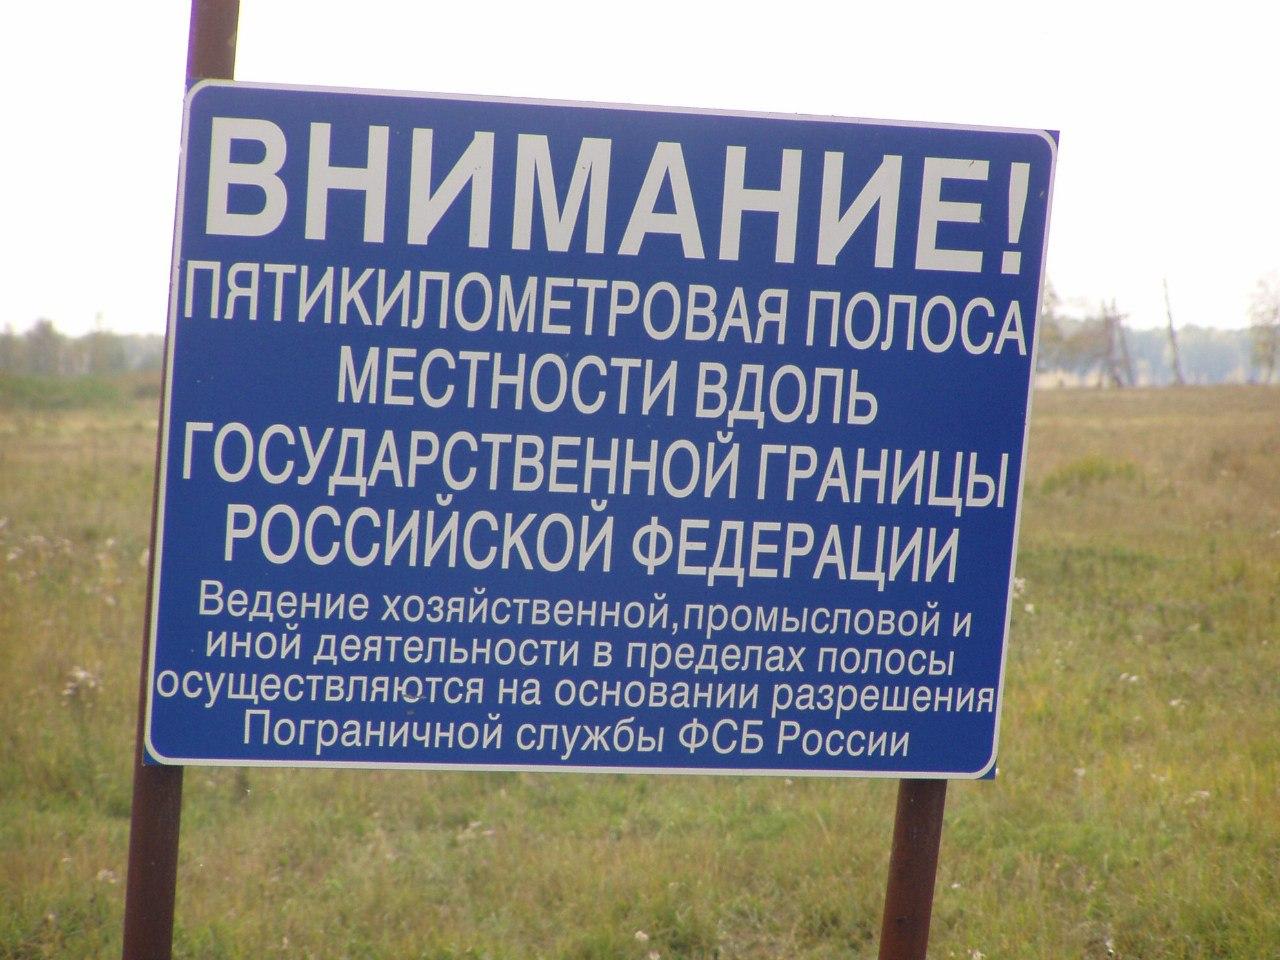 Североказахстанцы попросили акима открыть границу в Россию